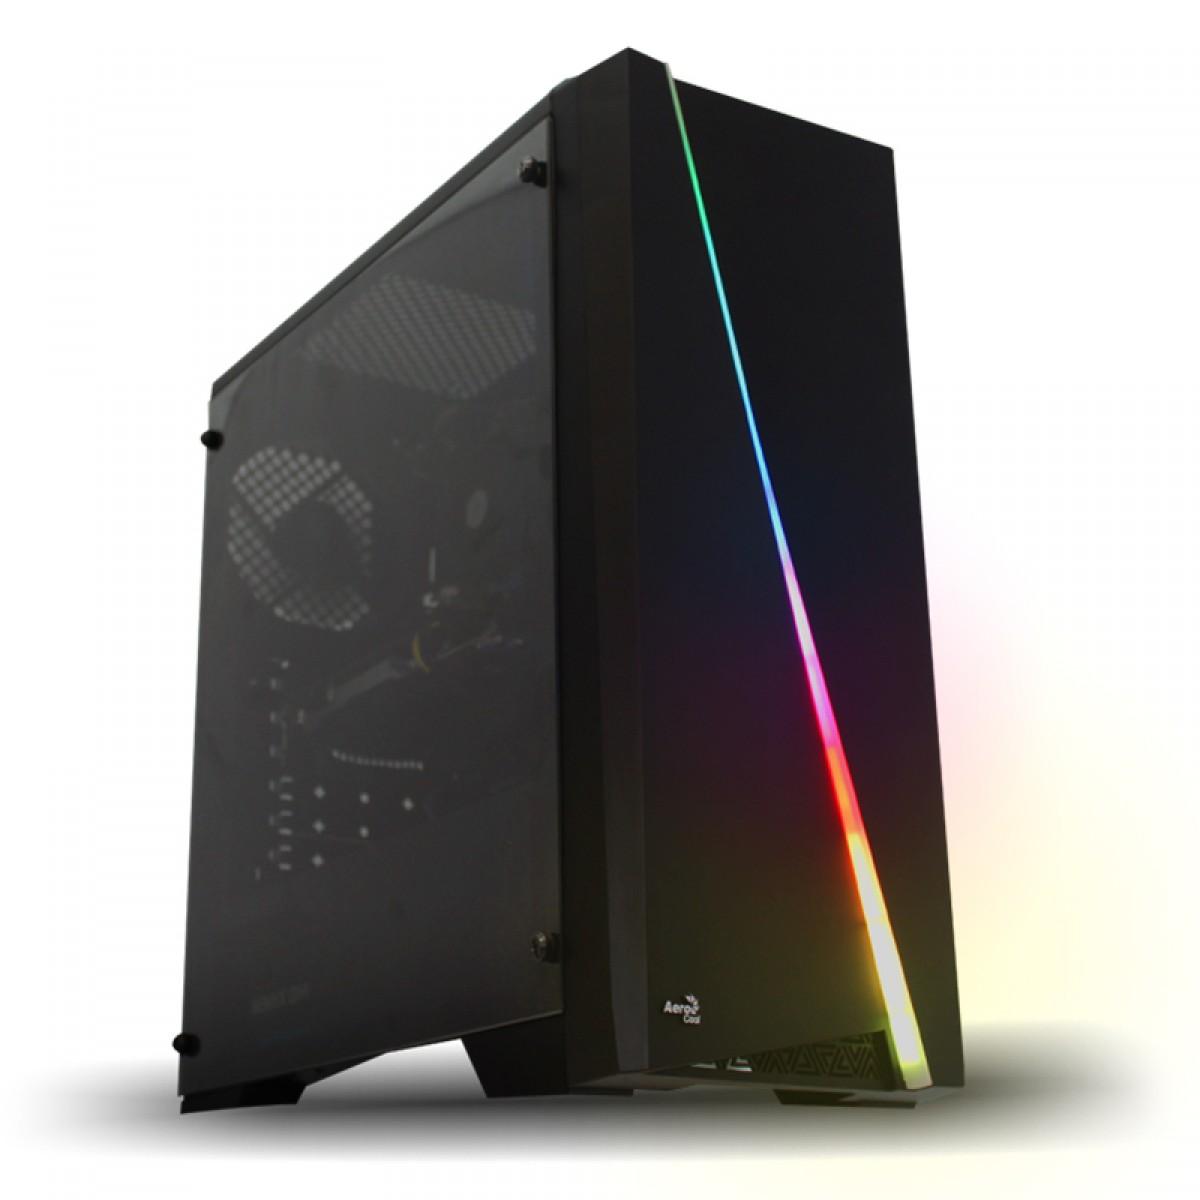 Pc Gamer Ideal 2018 Amd Ryzen 5 2600 / Radeon Rx 580 8Gb / DDR4 8Gb / Hd 1tb / 500W